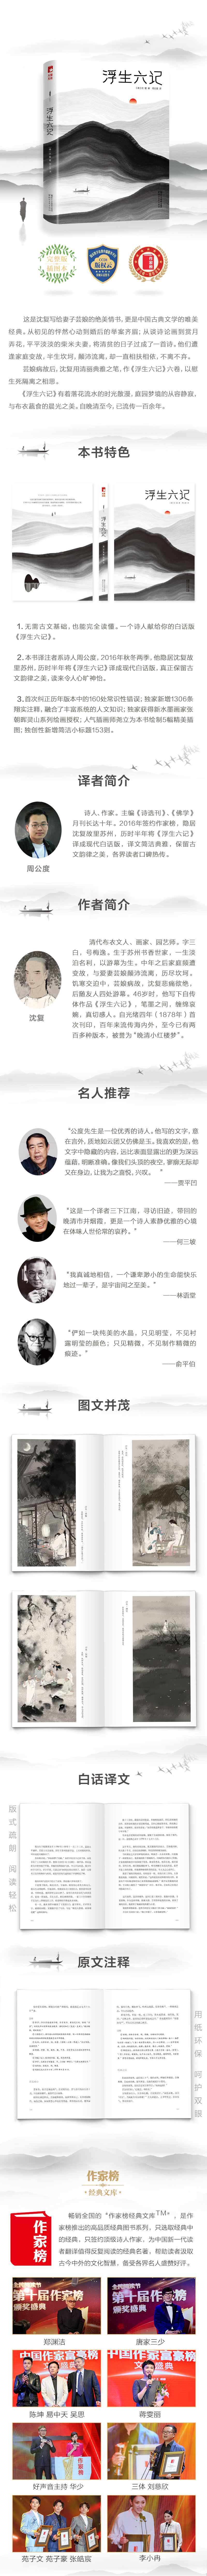 少年梦中国梦排版